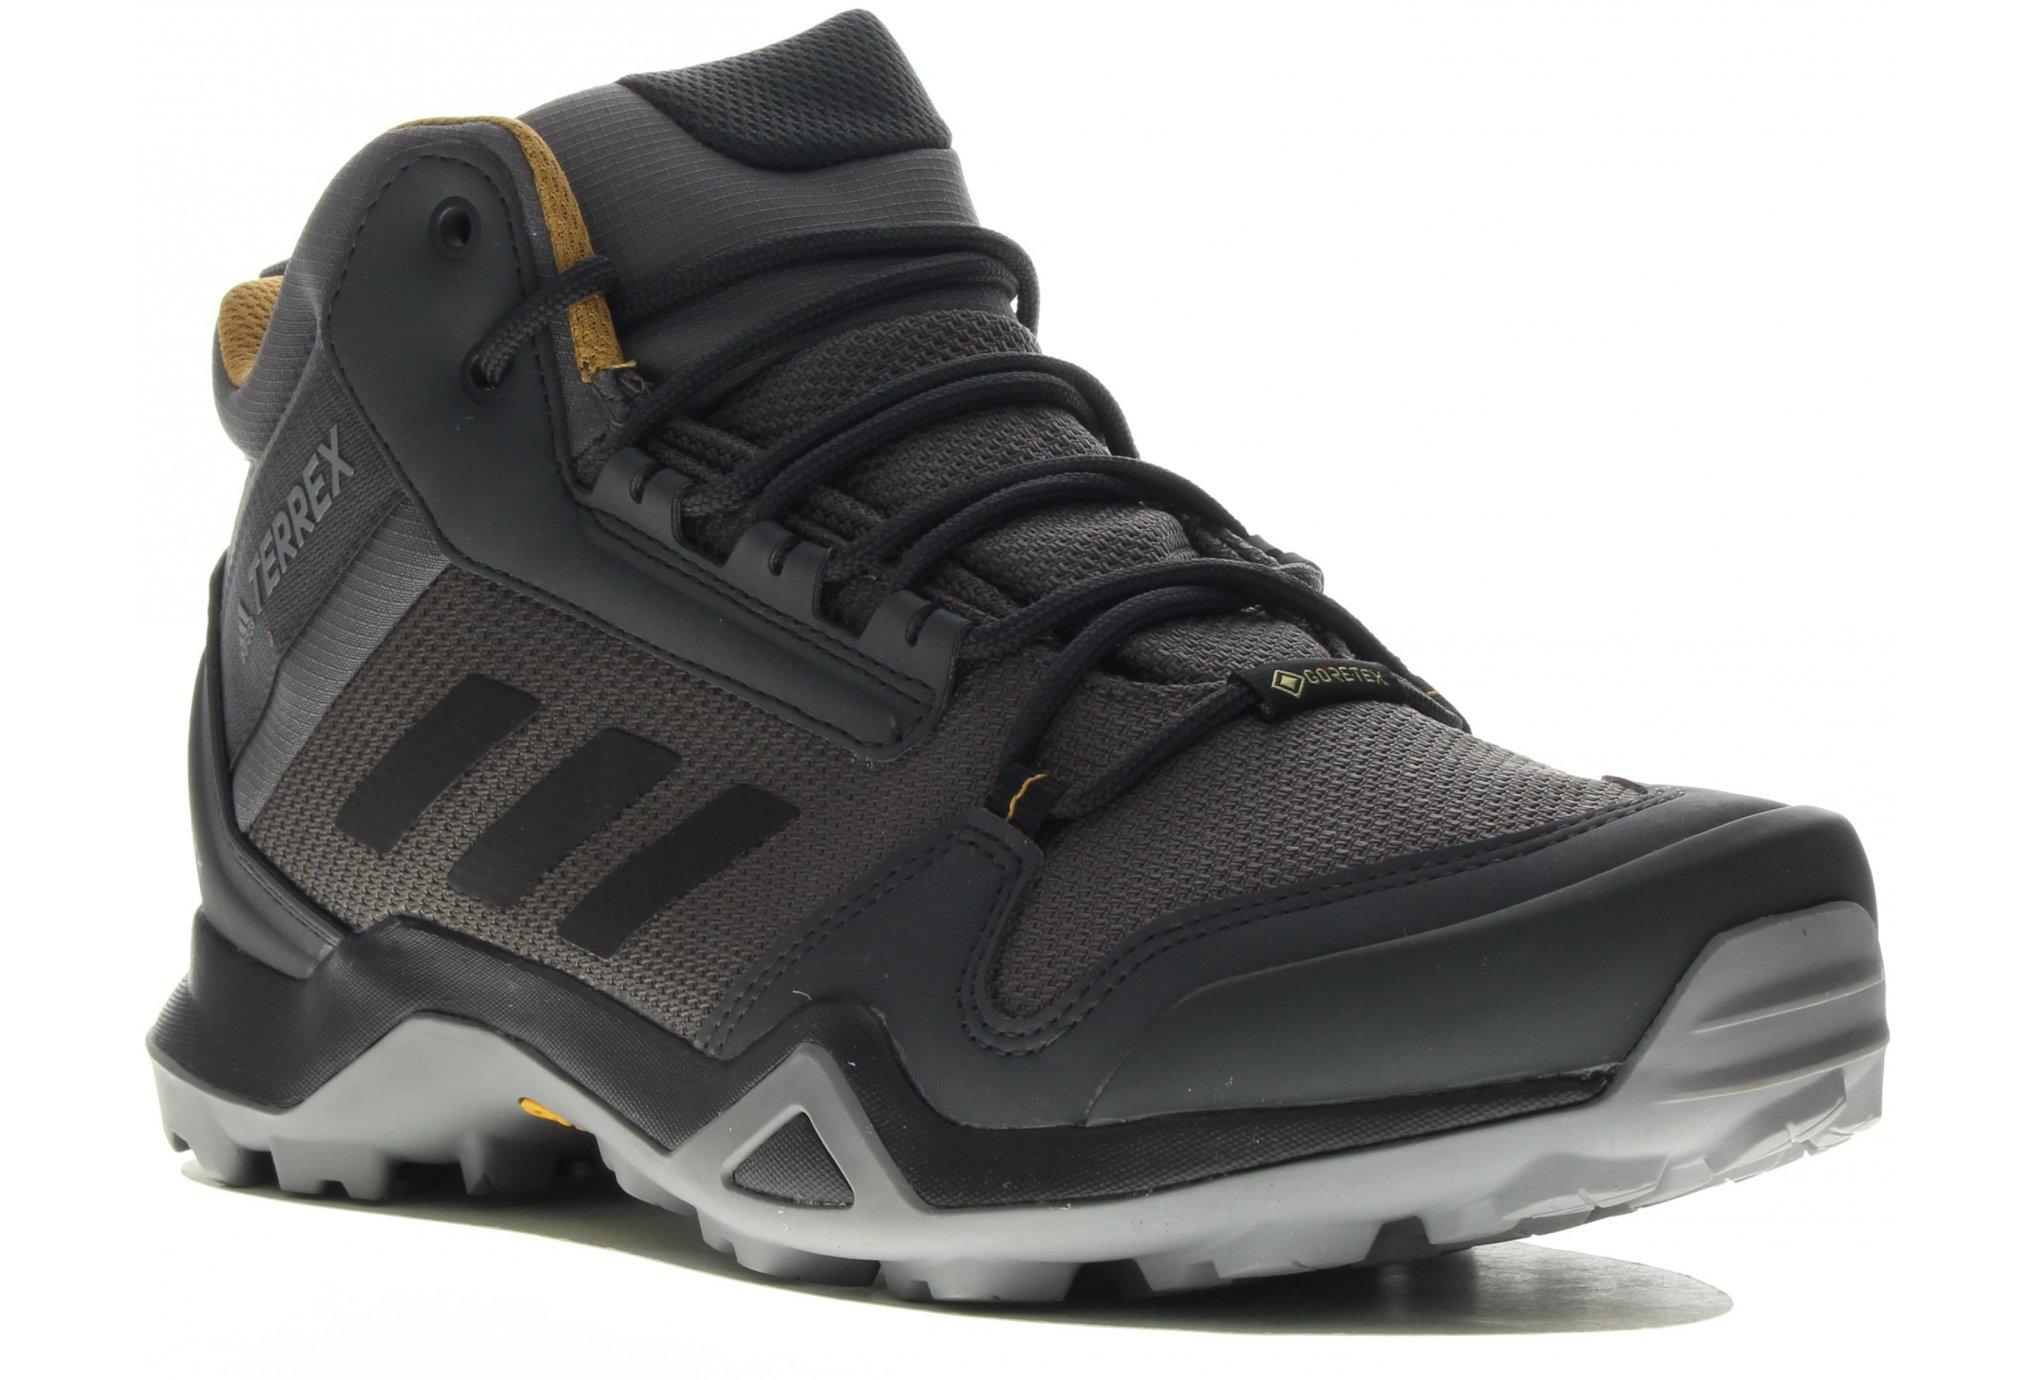 Volcánico Crudo Articulación  Adidas Terrex AX3: Características - Zapatillas trekking | Runnea